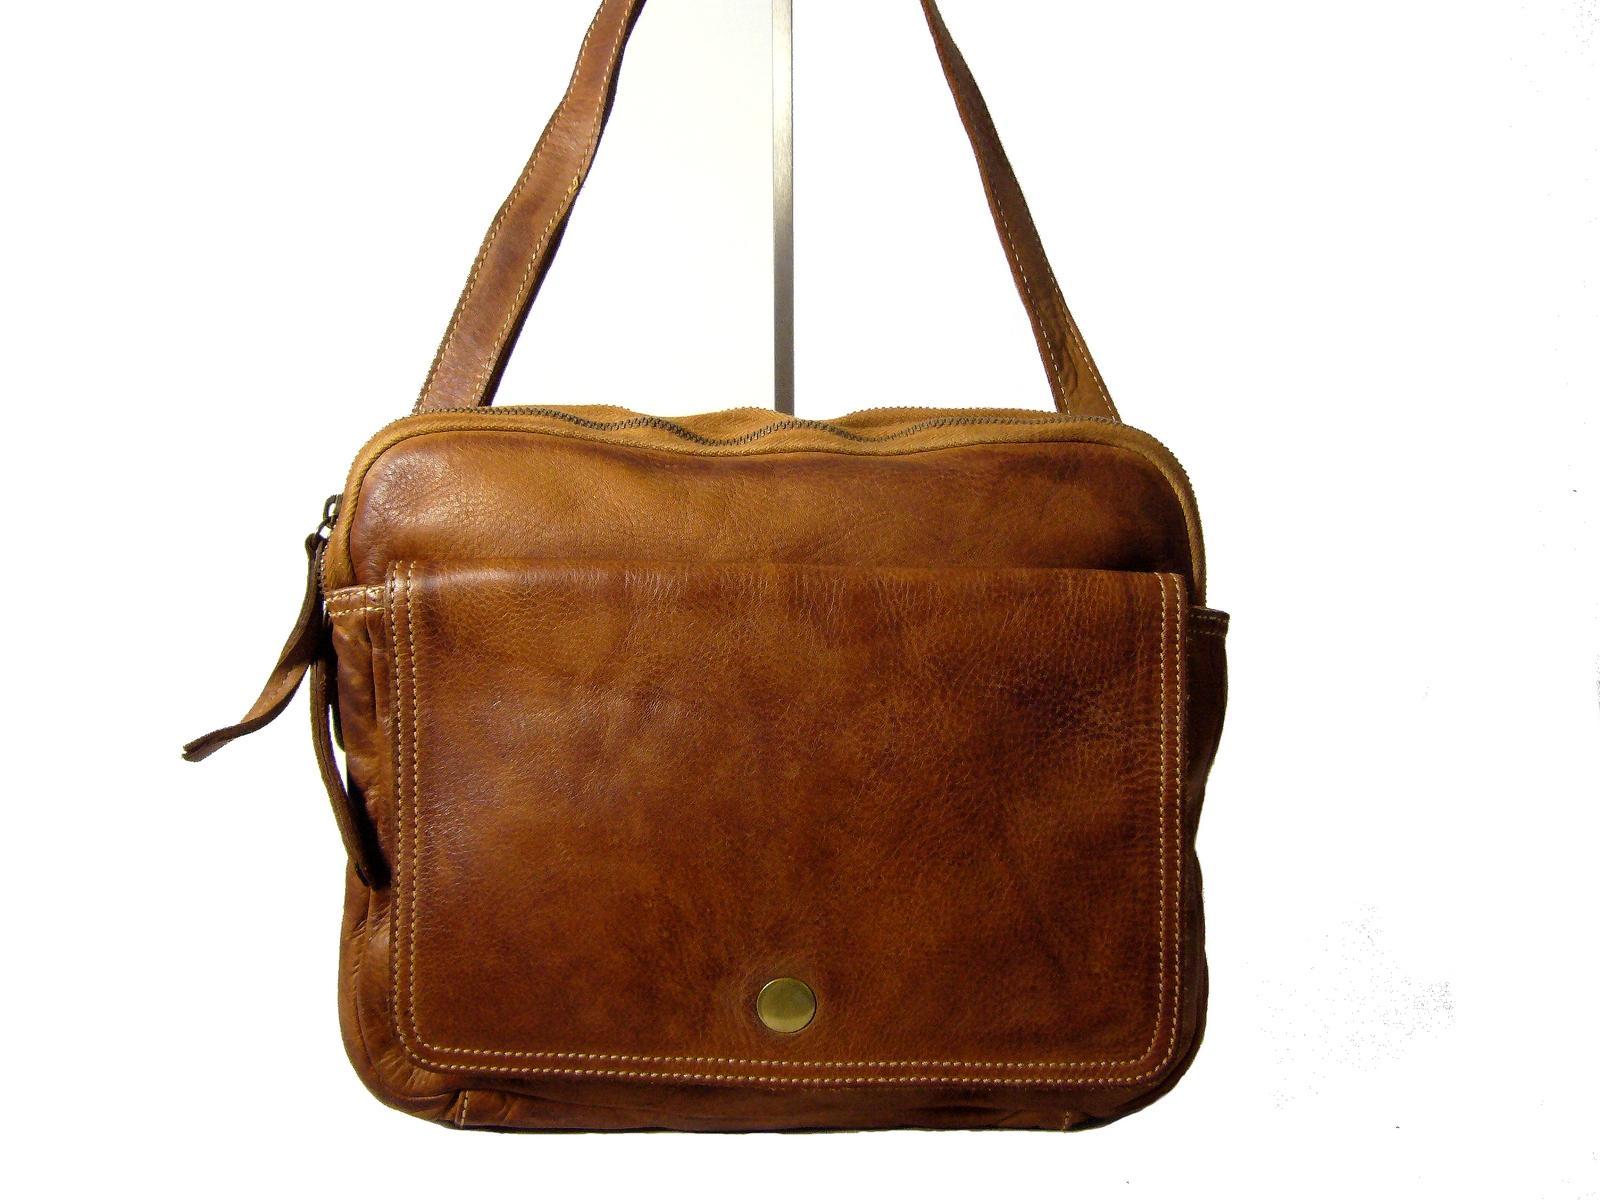 33963f1639 Sac bandoulière femme cuir vintage naturel Sandric-Collection Esprit ...